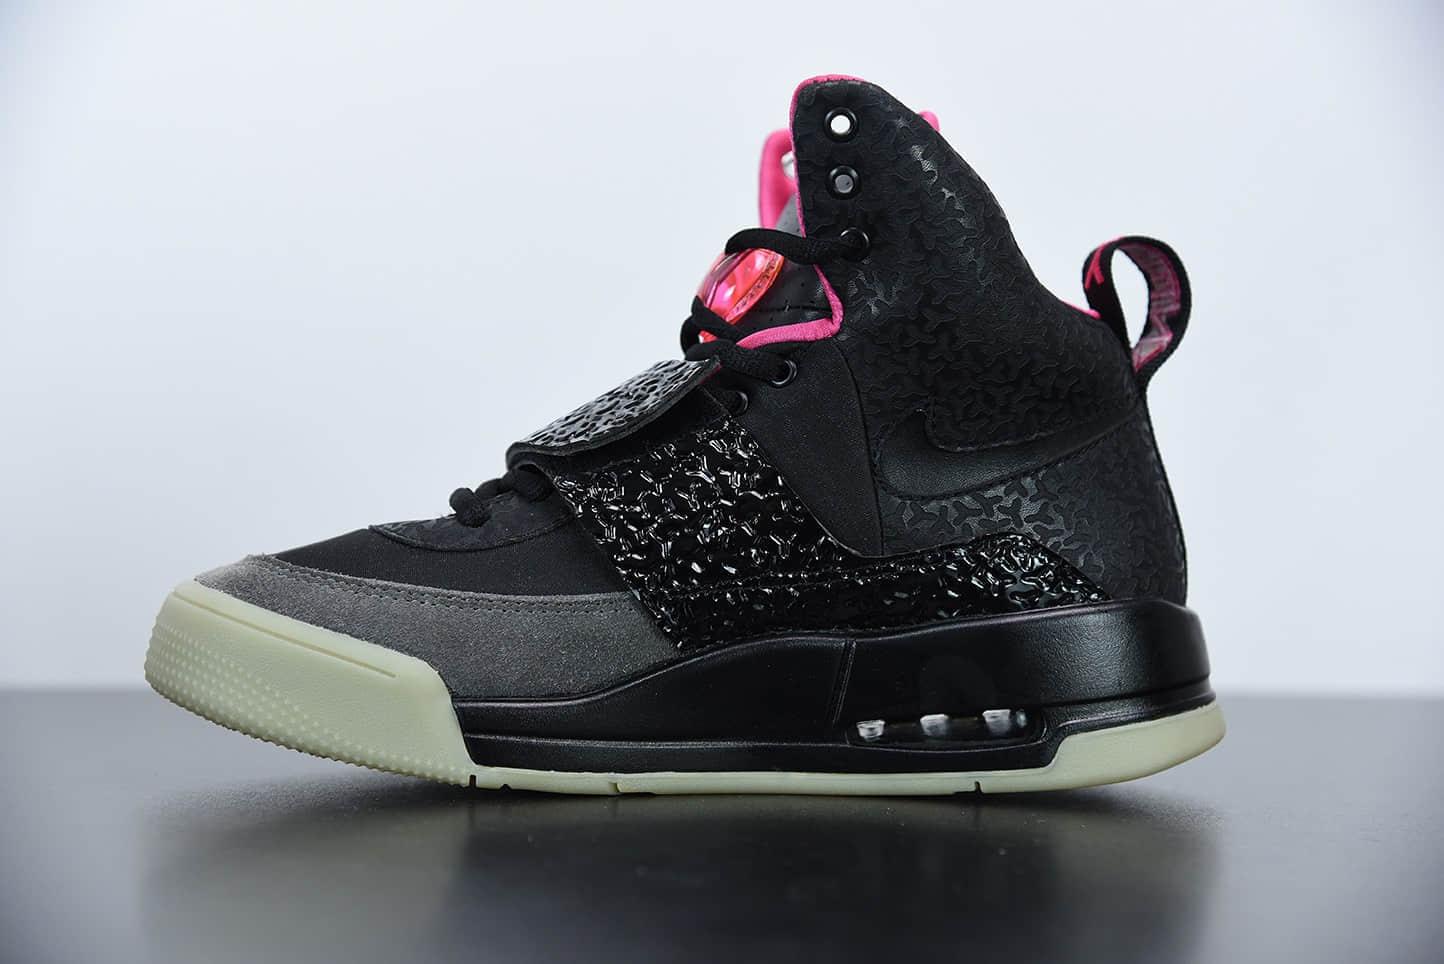 耐克Nike Air Yeezy 1Blink黑粉高街潮流篮球鞋纯原版本 货号:366164-003